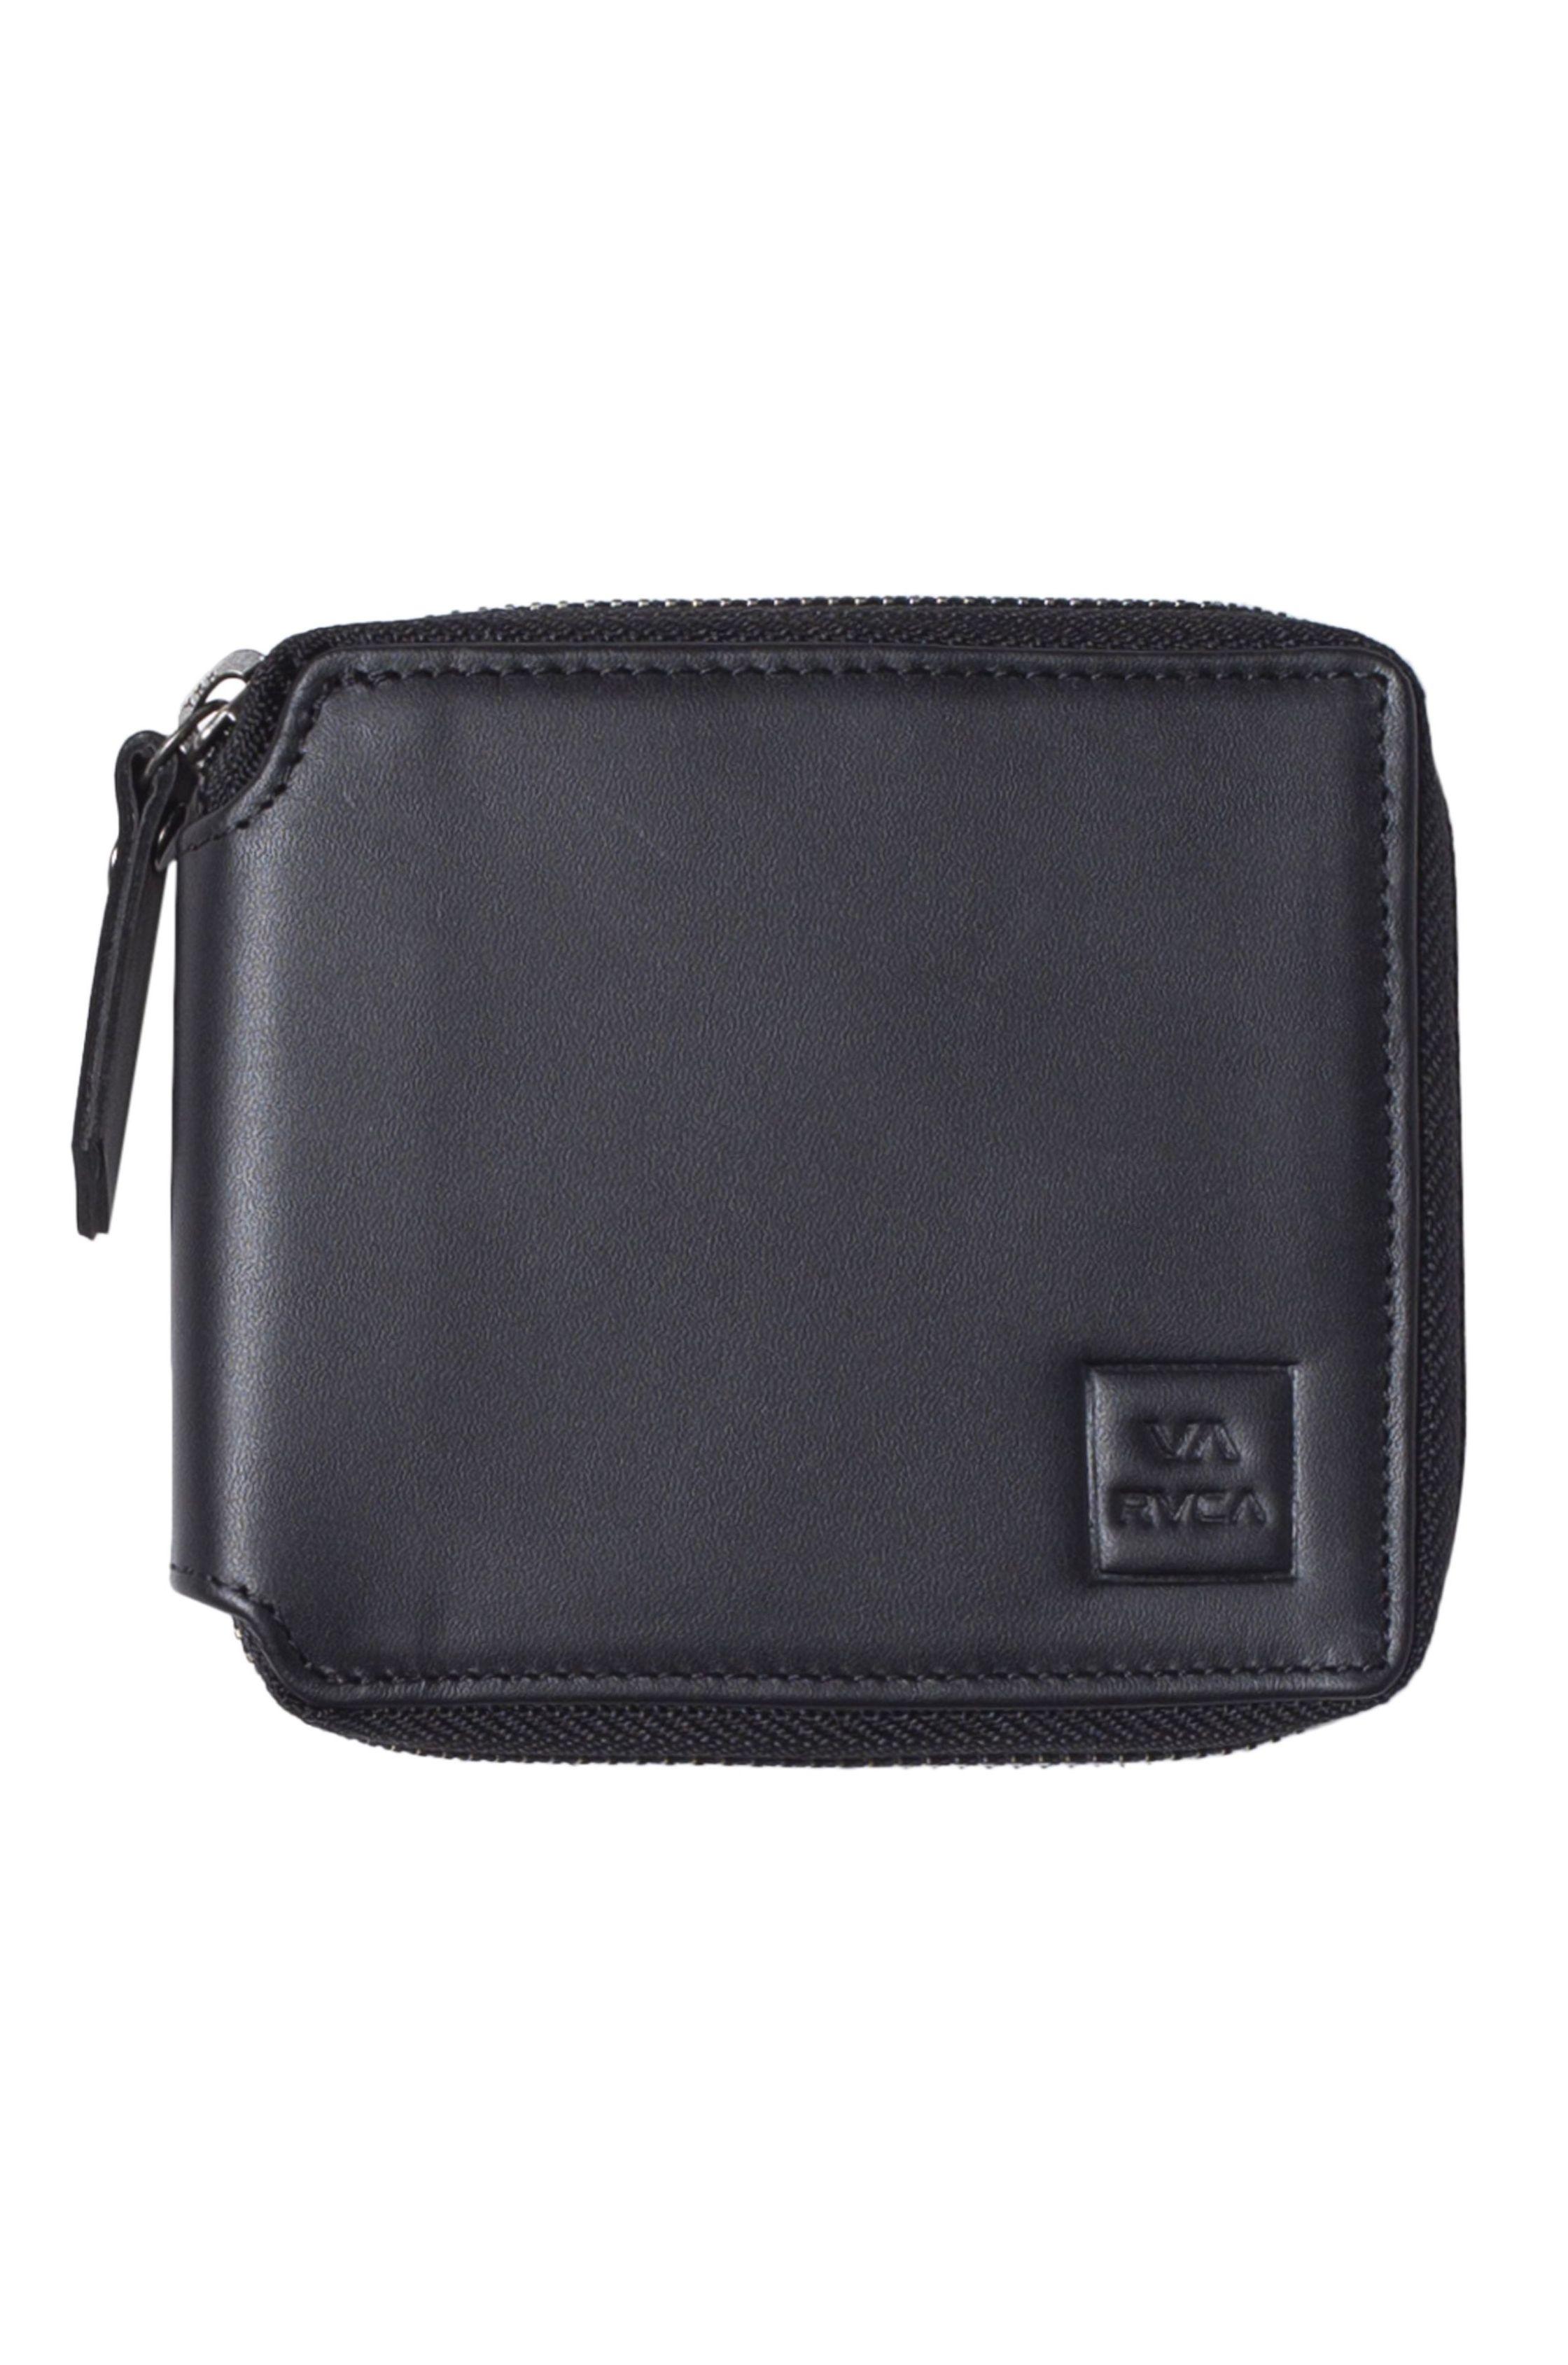 RVCA Wallet RVCA ZIP WALLET Black